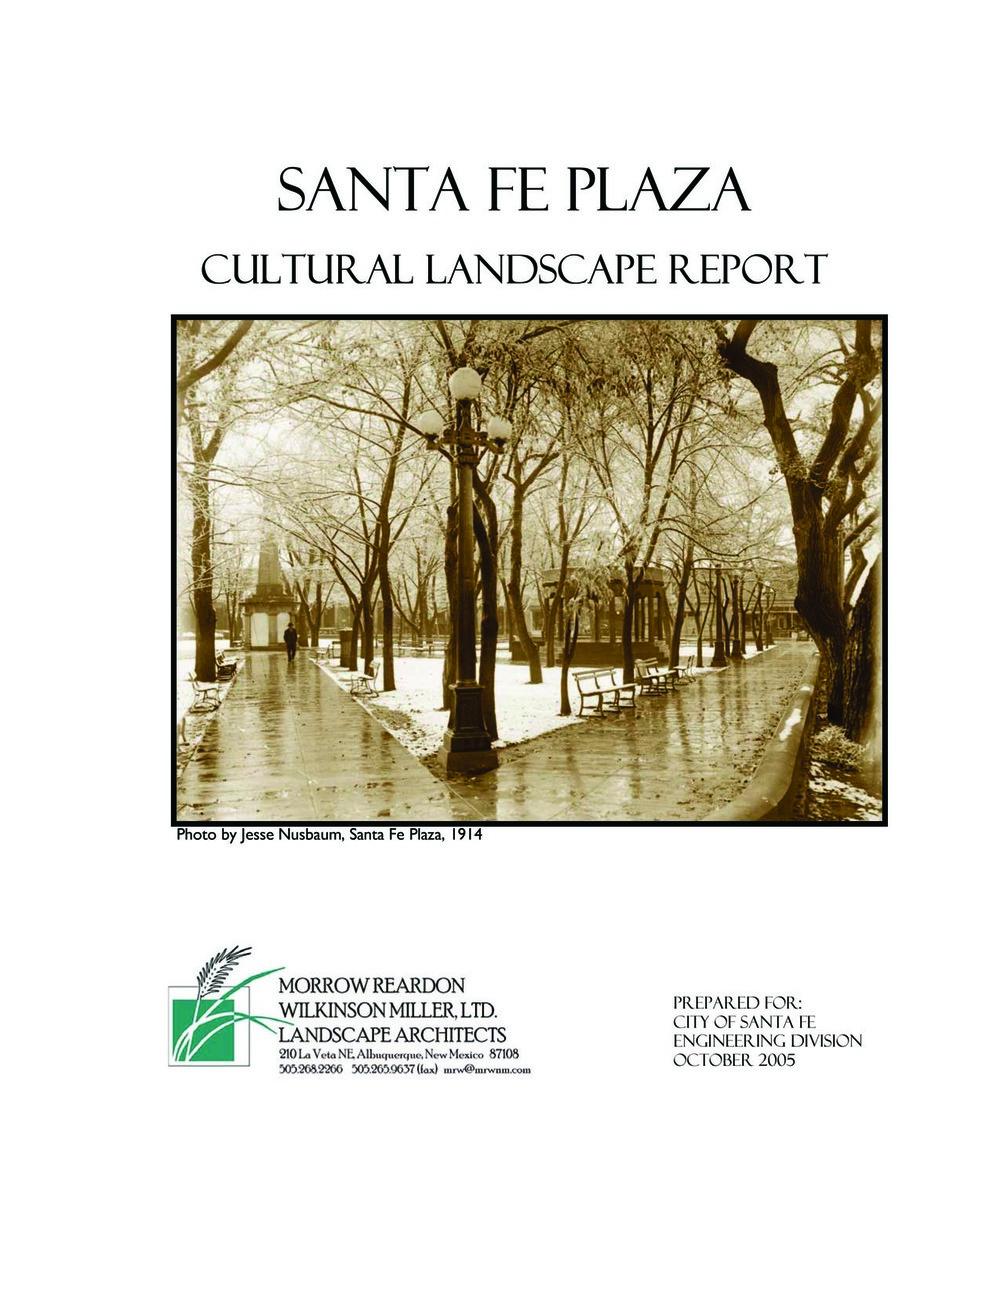 Santa Fe Plaza Cultural Landscape Report